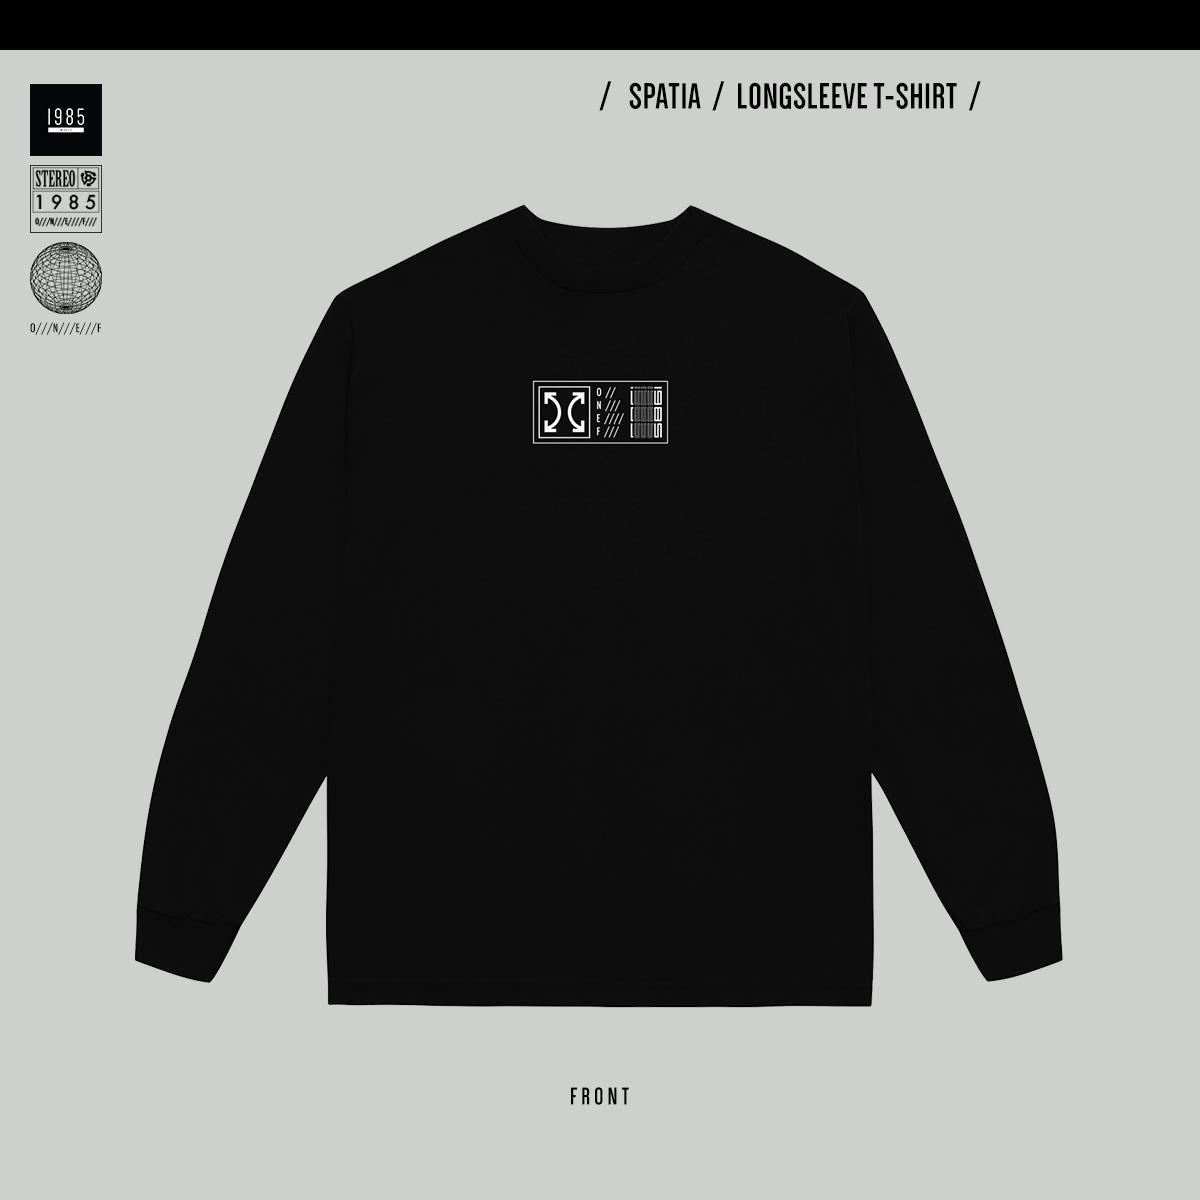 Spatia Longsleeve T-shirt - Black